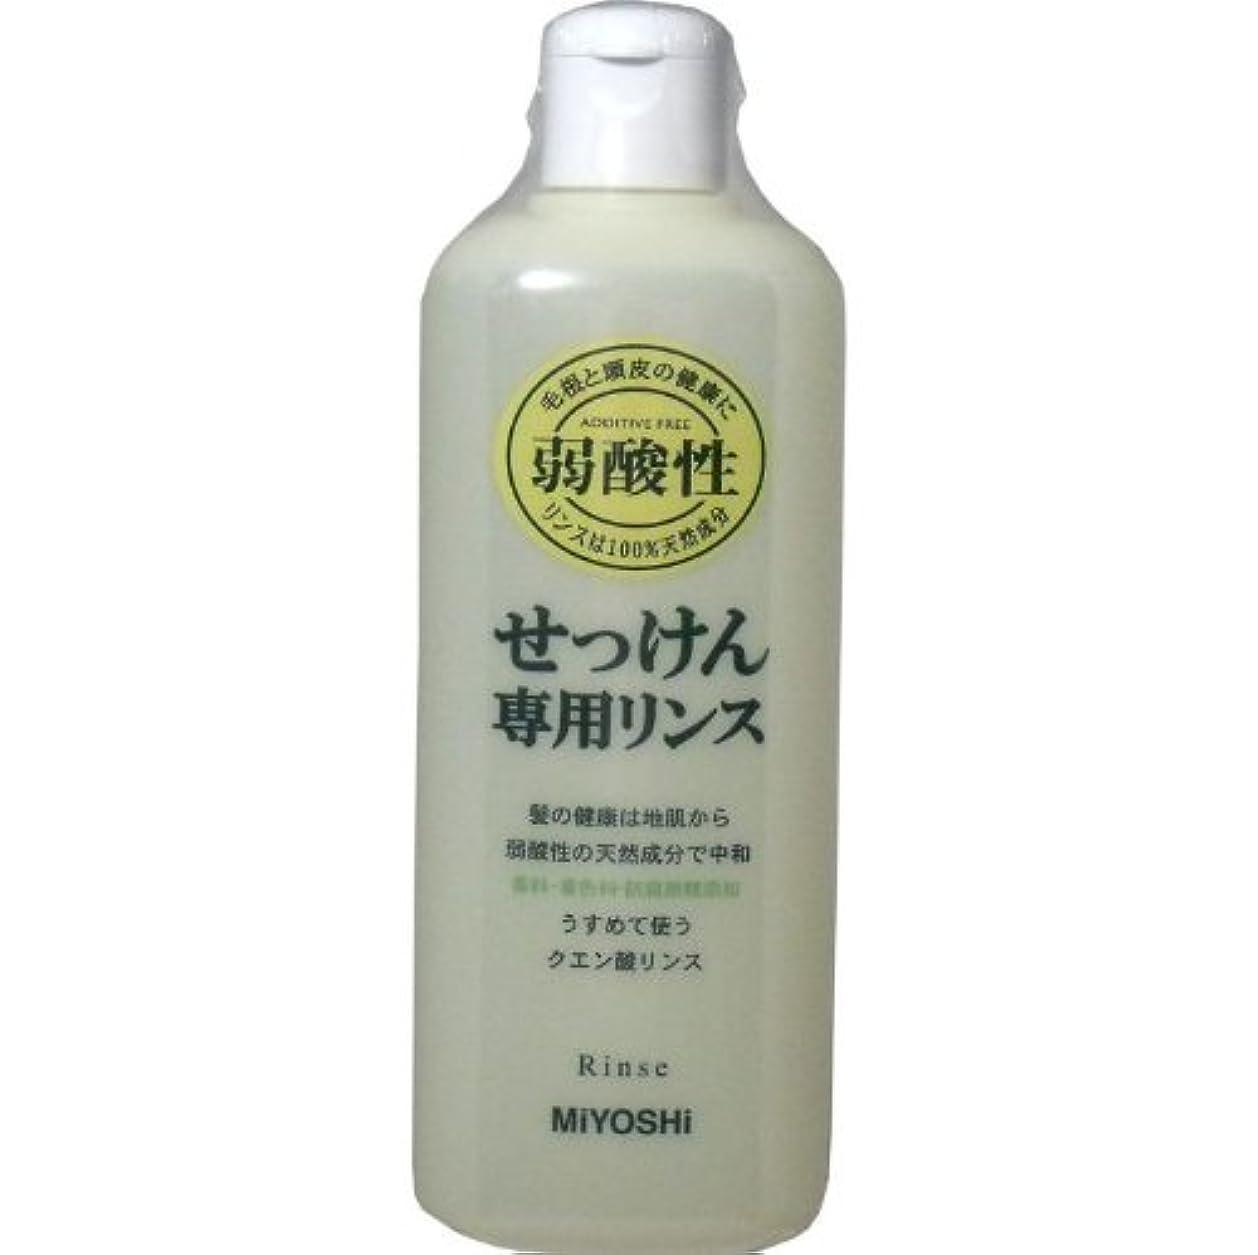 万歳デッキ削る髪の健康は地肌から、弱酸性の天然成分で中和!!香料、防腐剤、着色料無添加!うすめて使うクエン酸リンス!リンス 350mL【3個セット】